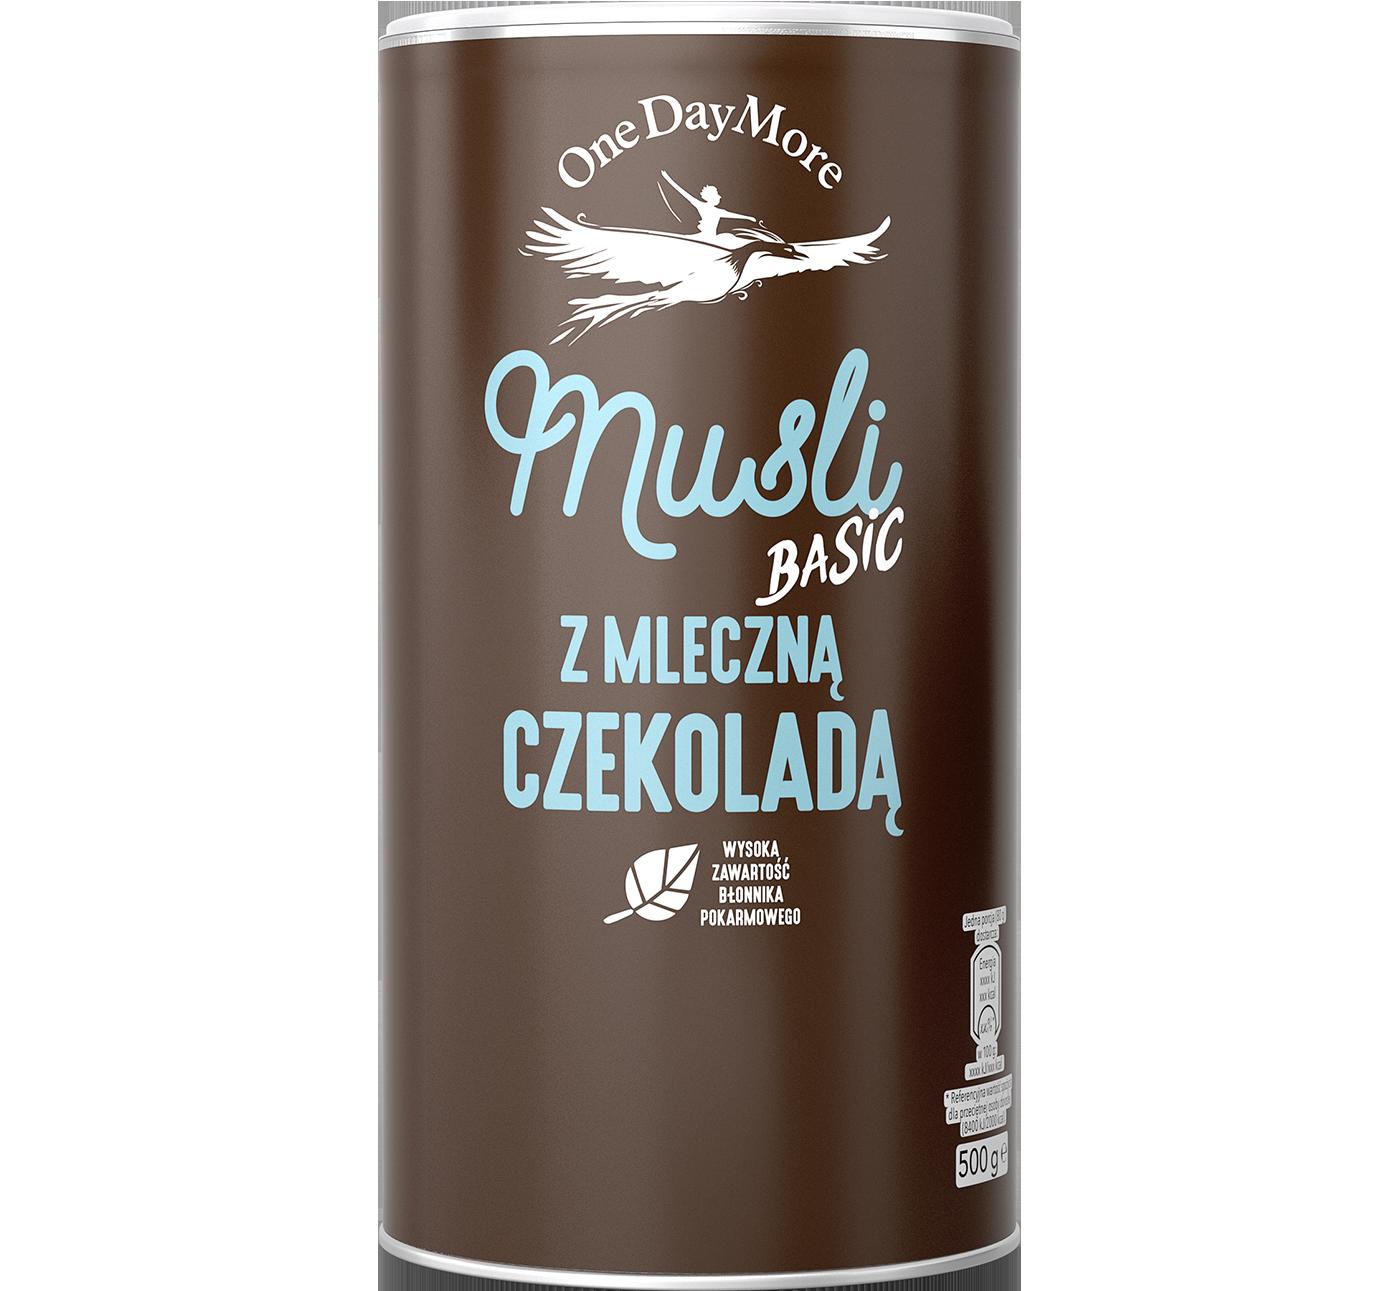 musli-z-mleczna-czekolada-tuba-front-onedaymore-1400×1291